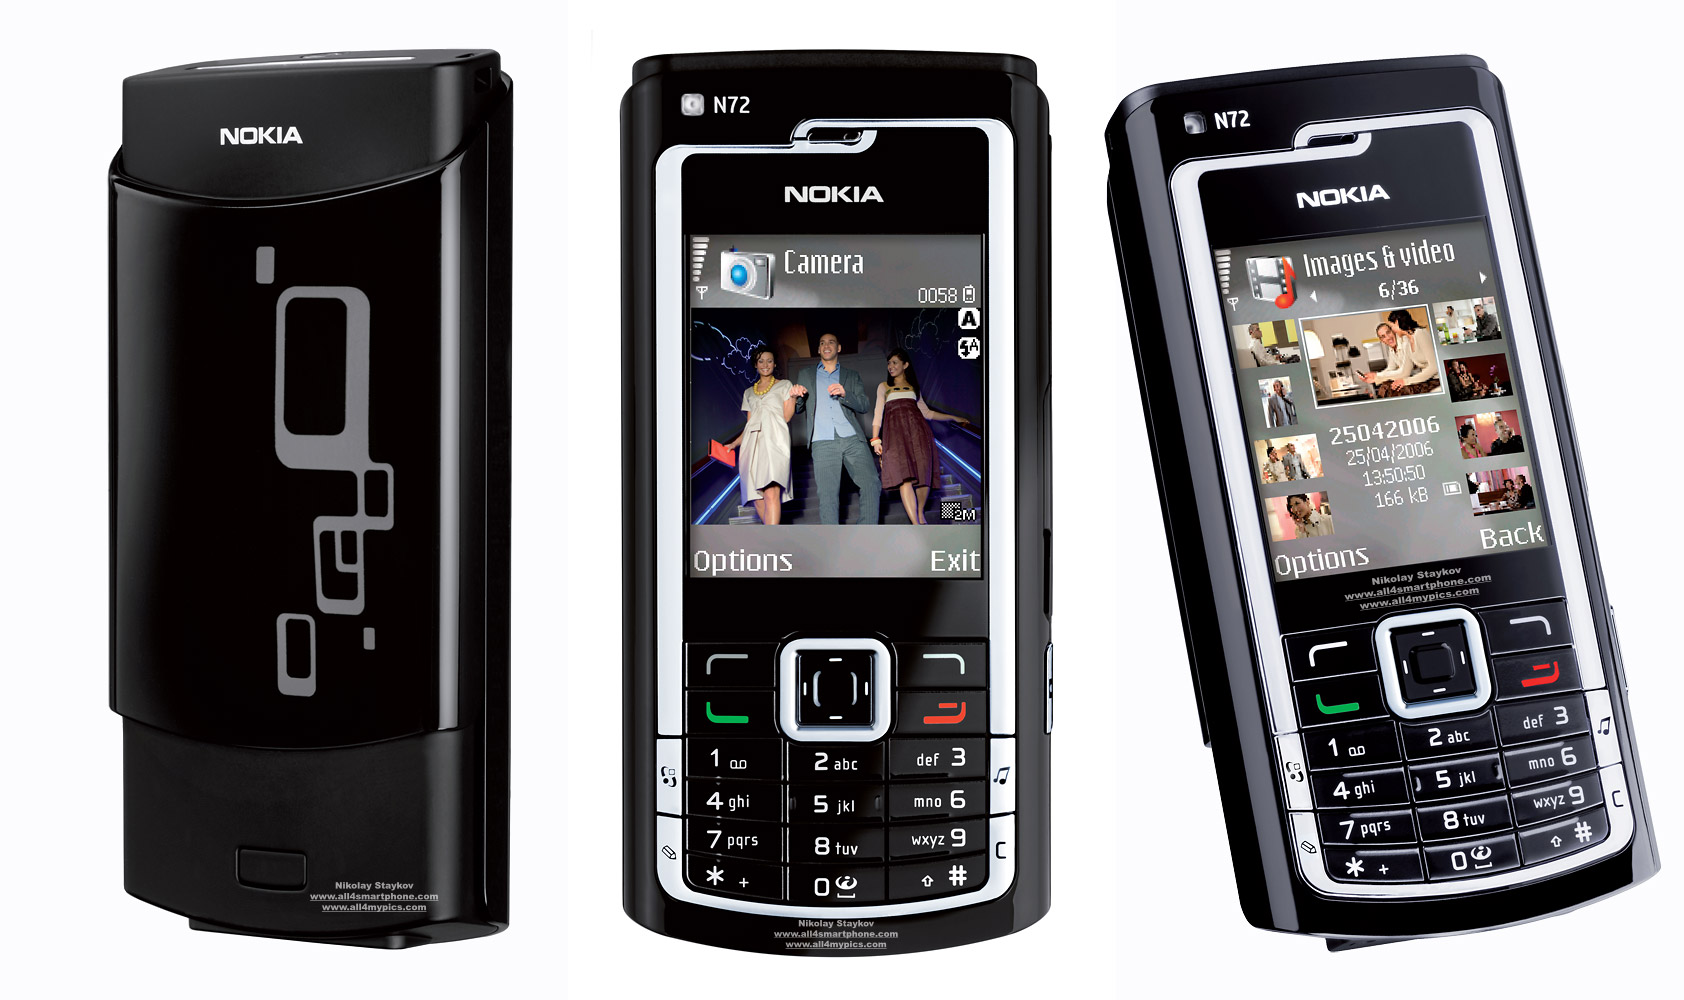 ALO-NGHE Trung Tâm Phân Phối Si/ Lẻ Điện Thoại Nokia giá rẽ trên Toàn Quốc - 36